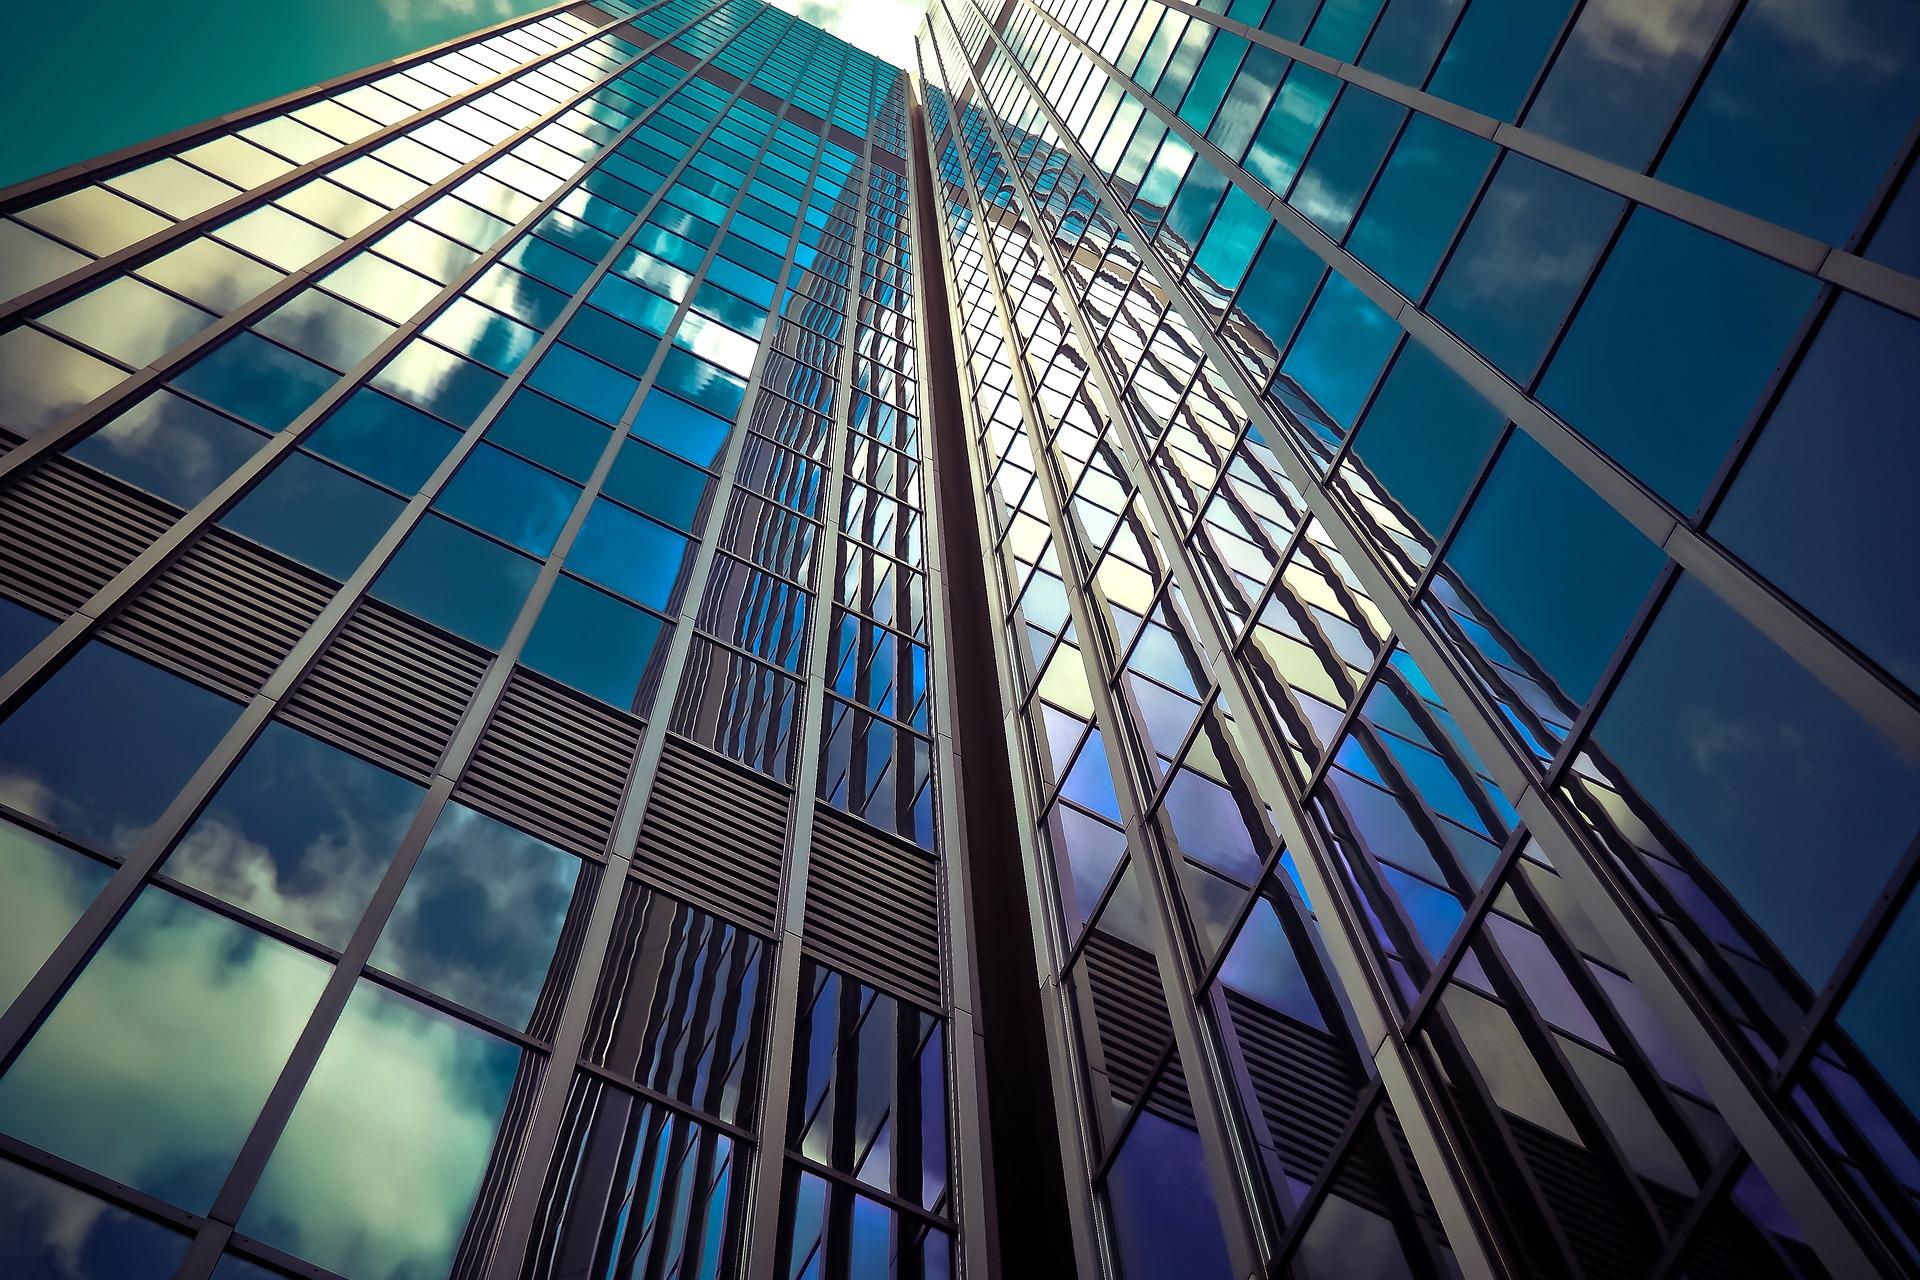 architecture-2256489_1920.jpg